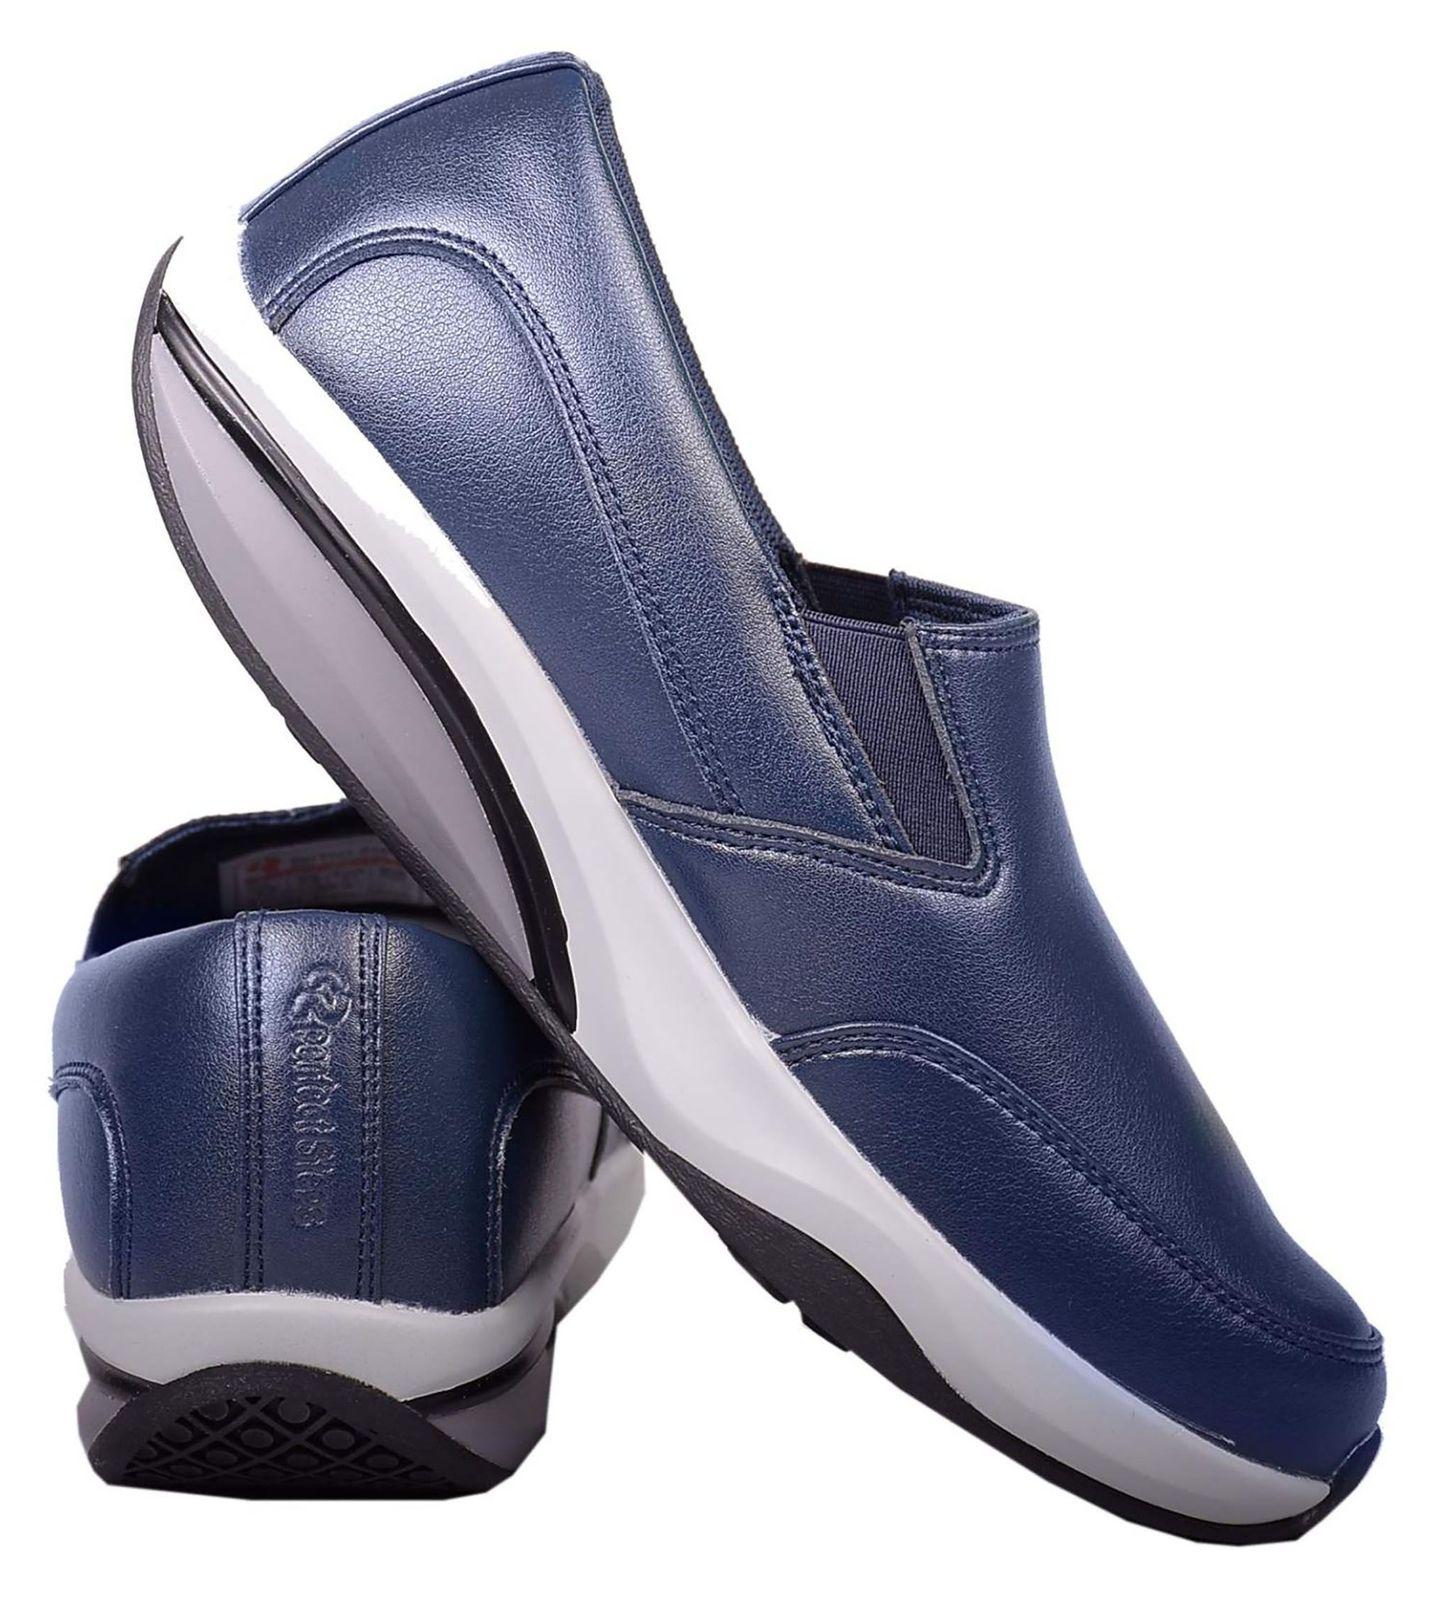 کفش مخصوص پیاده روی زنانه پرفکت استپس مدل پریمو کژوال رنگ سرمه ای main 1 3